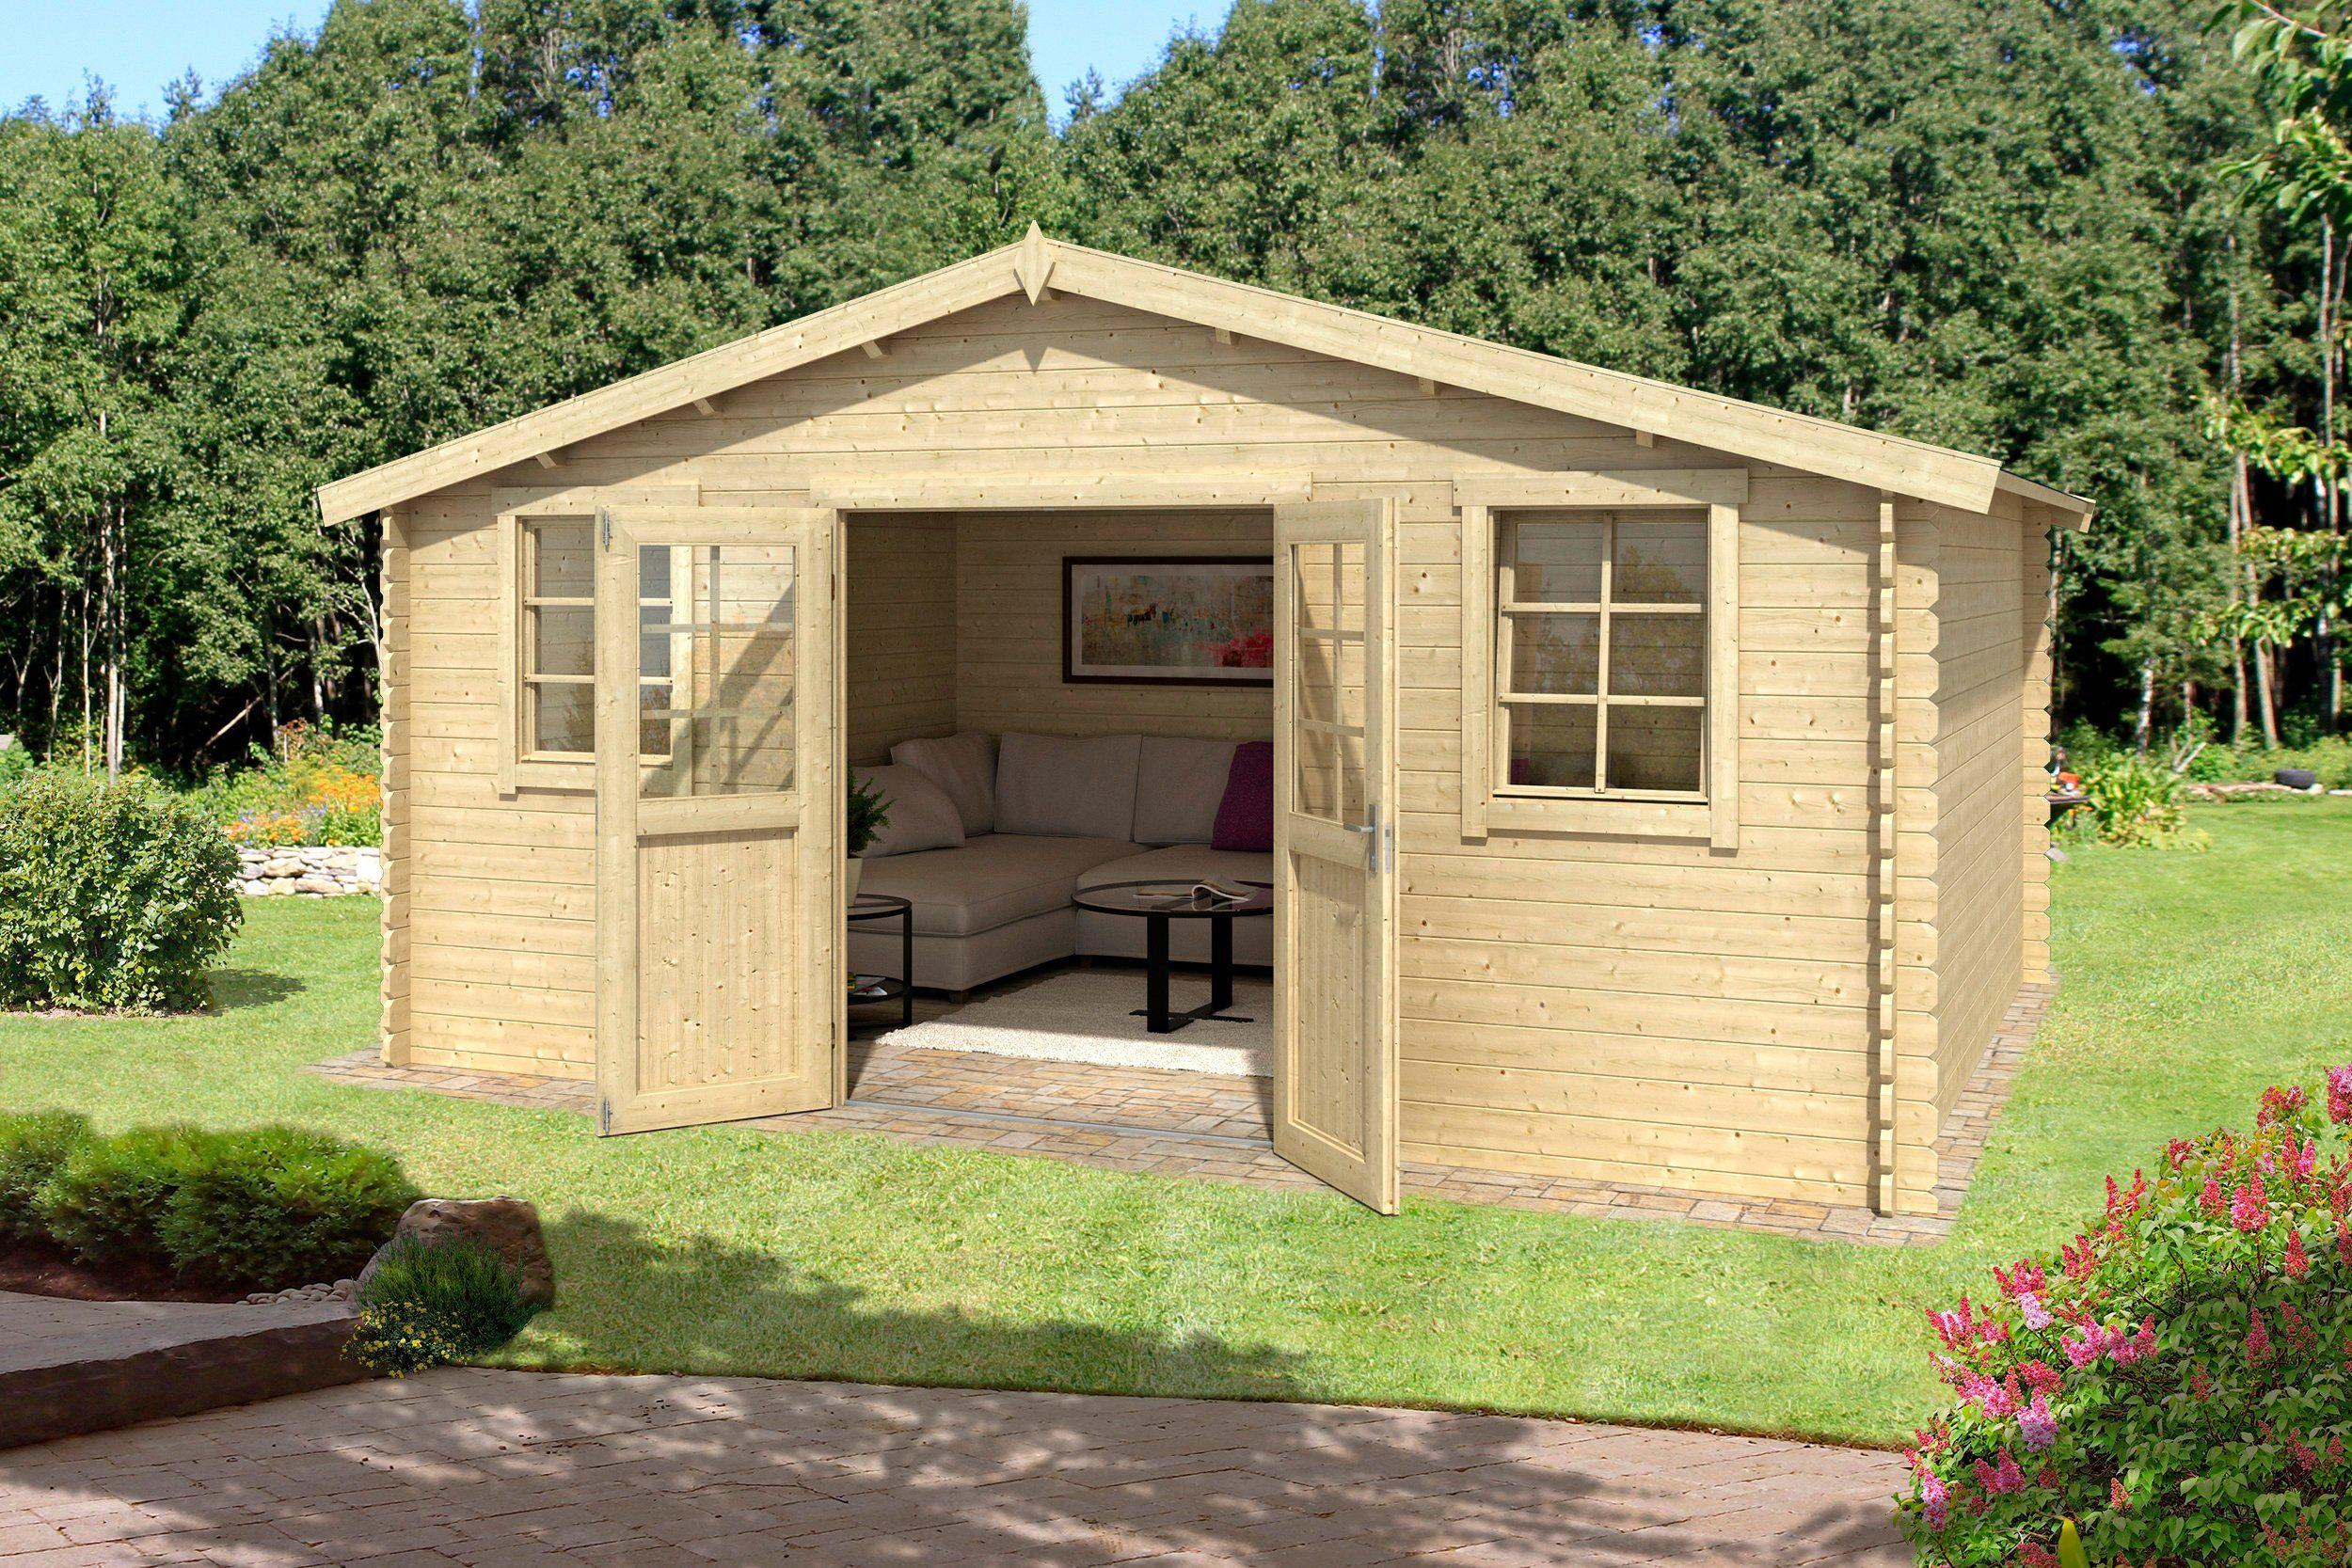 Gartenhaus Outdoor Küche : Gartenhaus mit outdoor küche gartenhäuser mit überdachter